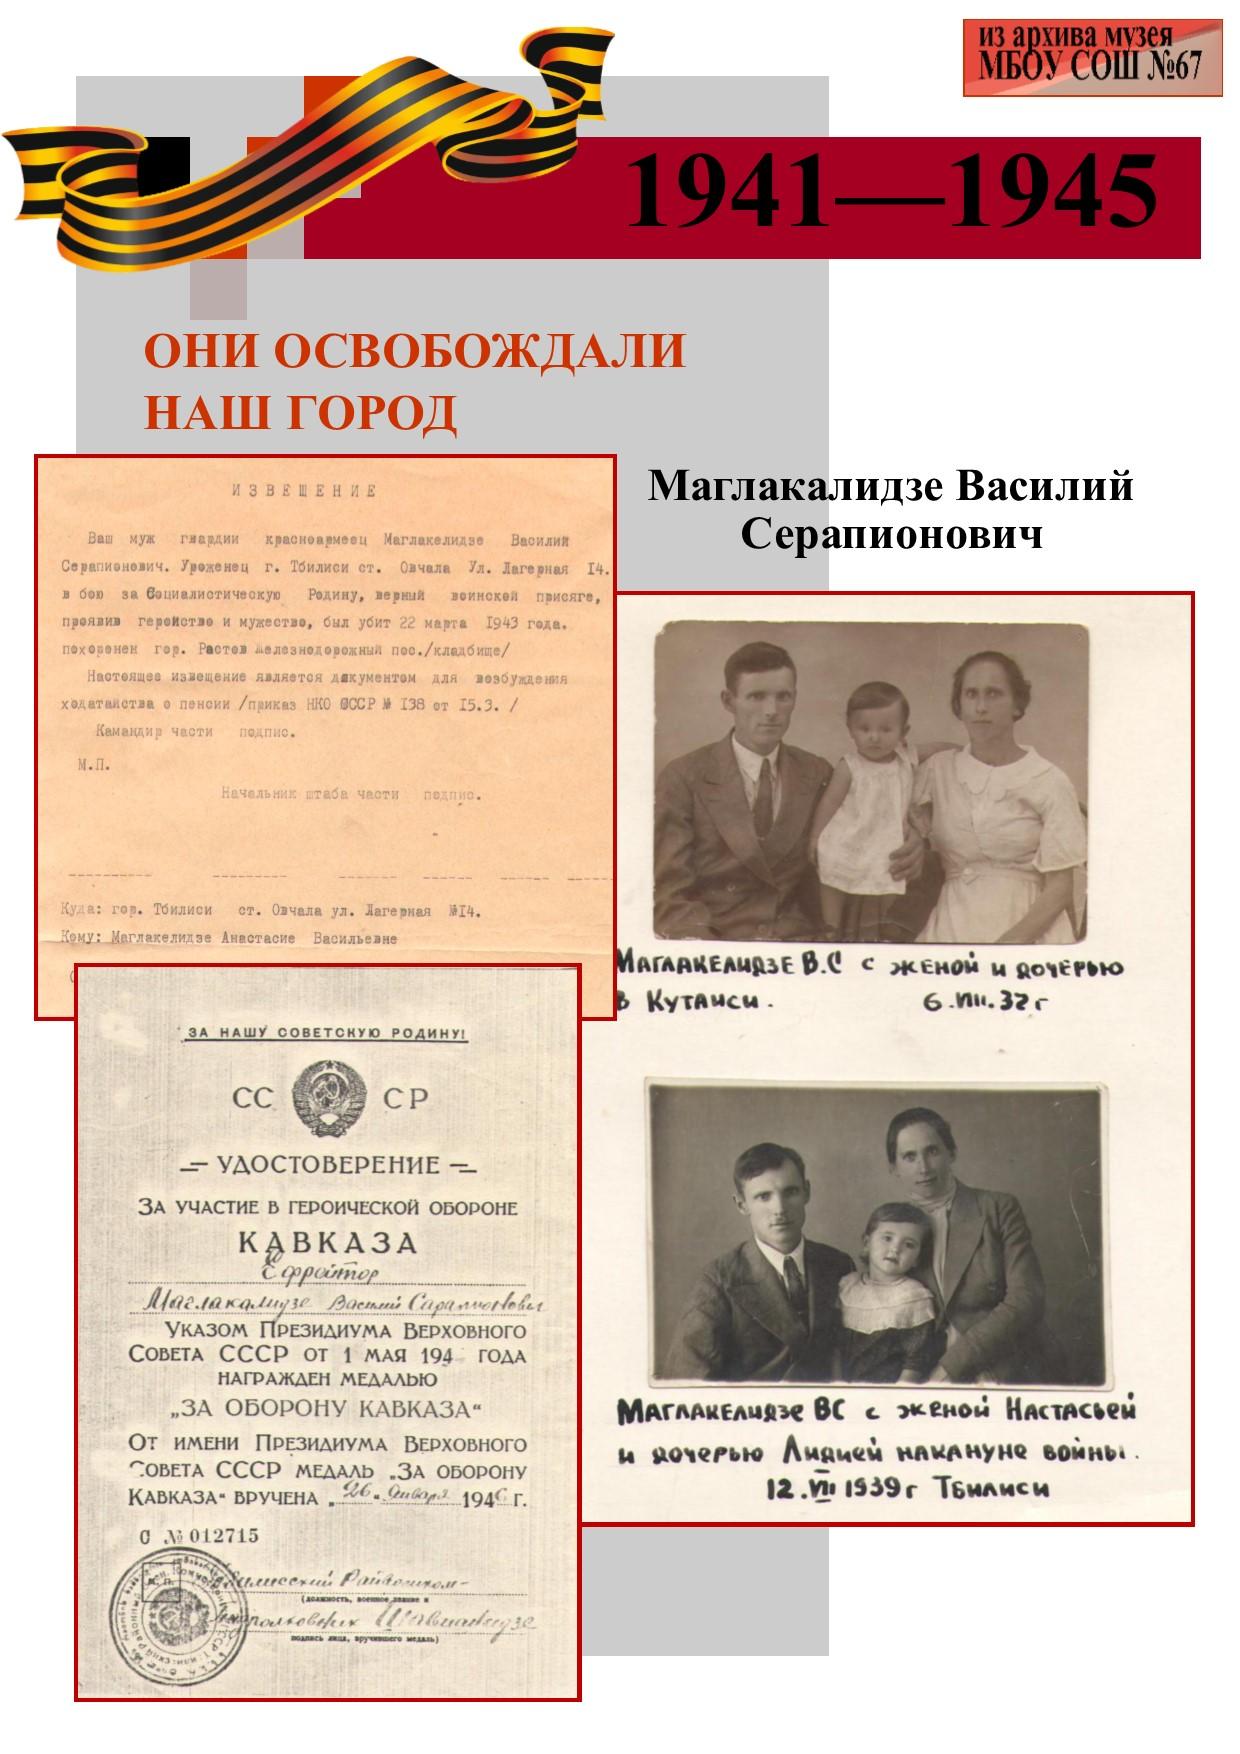 Маглакалидзе